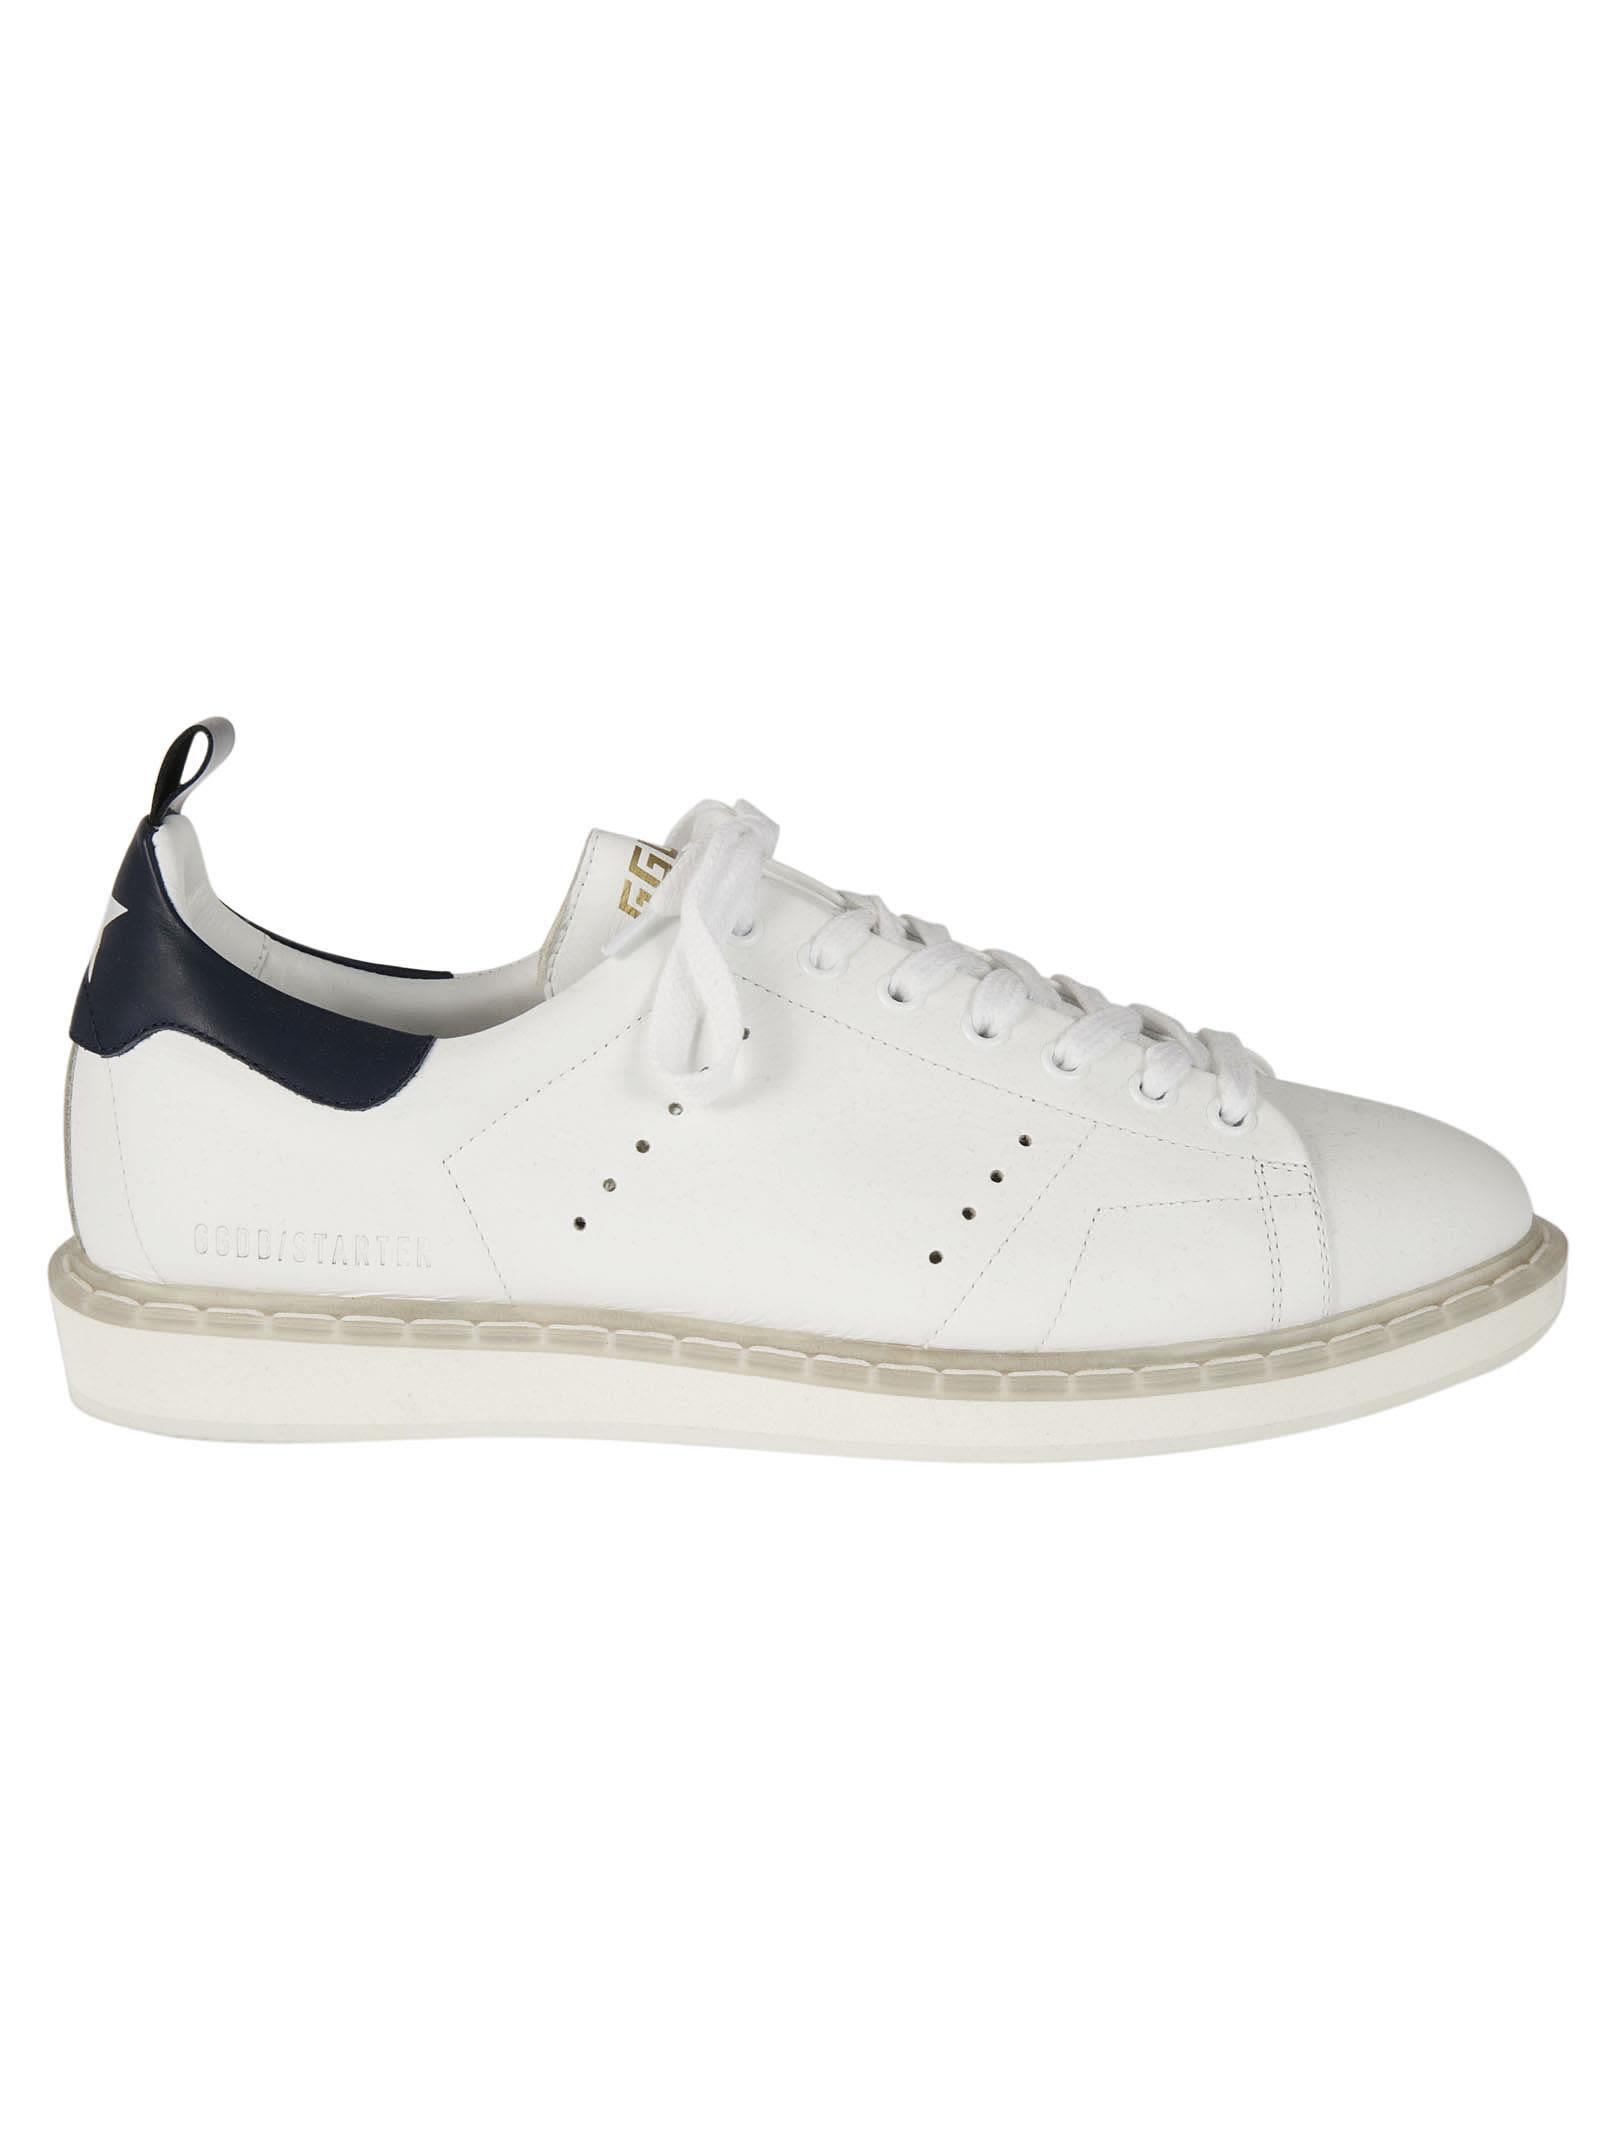 Golden Goose Starter Sneakers